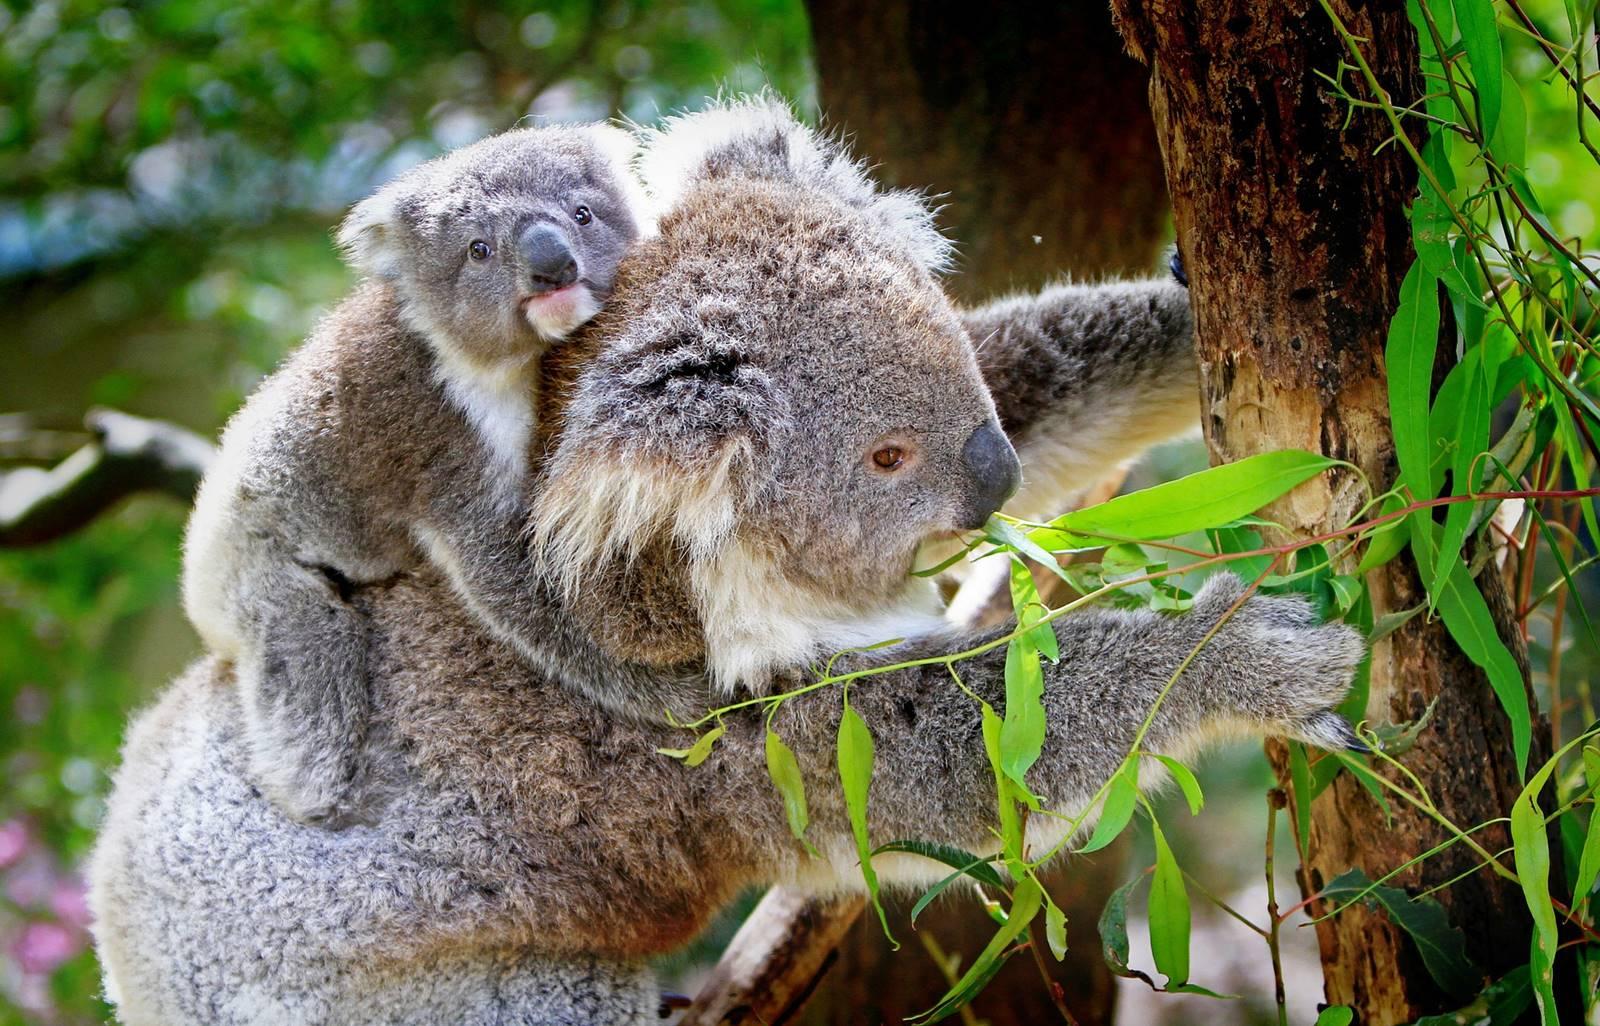 聖靈群島-漢密爾頓島-野生動物園-WILD LIFE-景點-推薦-交通-遊記-自由行-行程-住宿-旅遊-度假-一日遊-澳洲-Hamilton-Island-Whitsundays